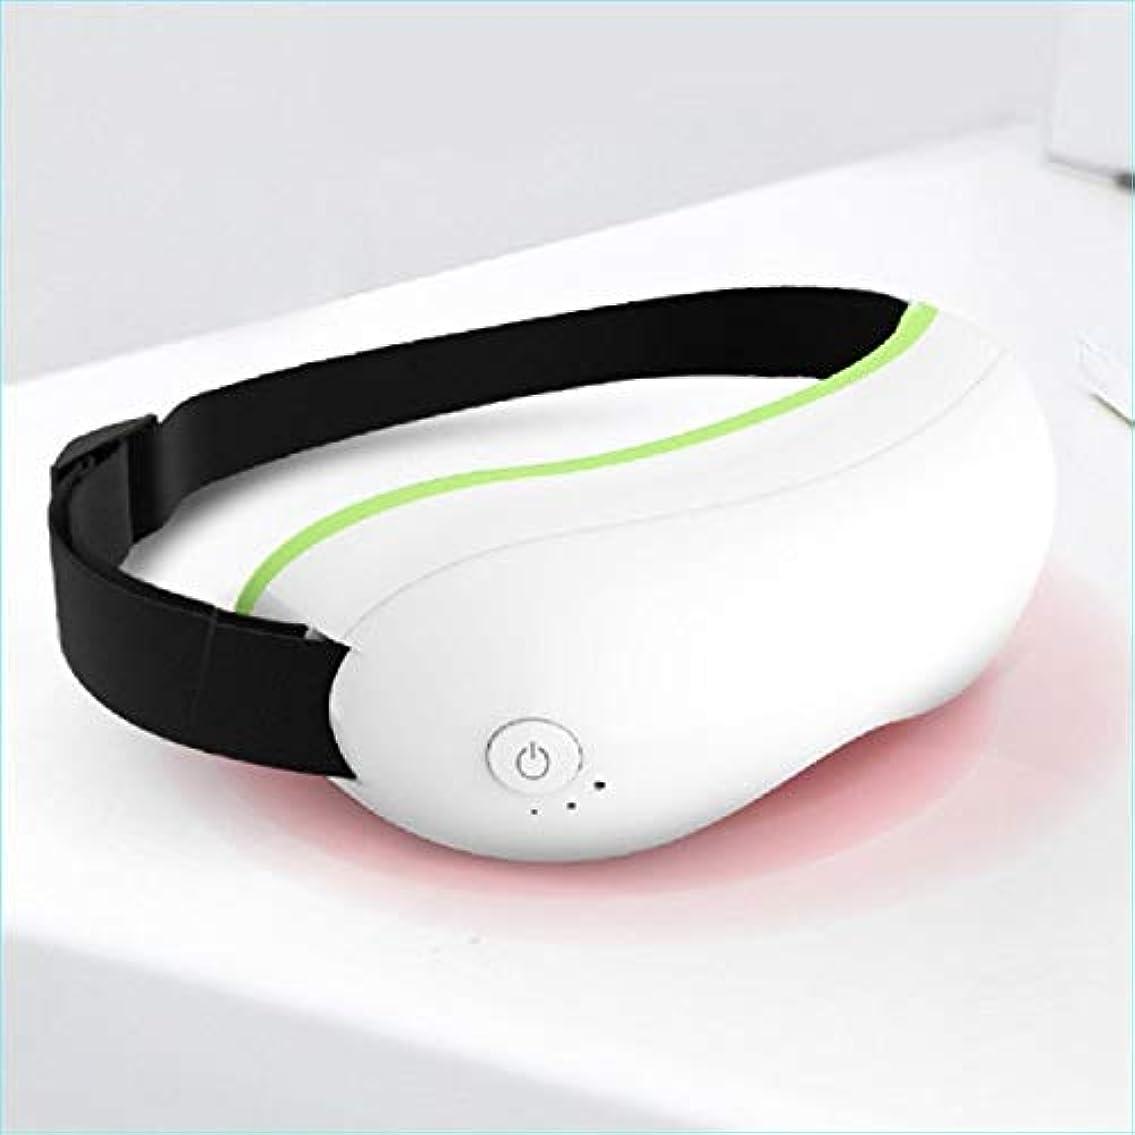 池サバント実際のRuzzy 暖房付きの高度な充電式ワイヤレスインテリジェント振動アイマッサージ 購入へようこそ (Color : White)